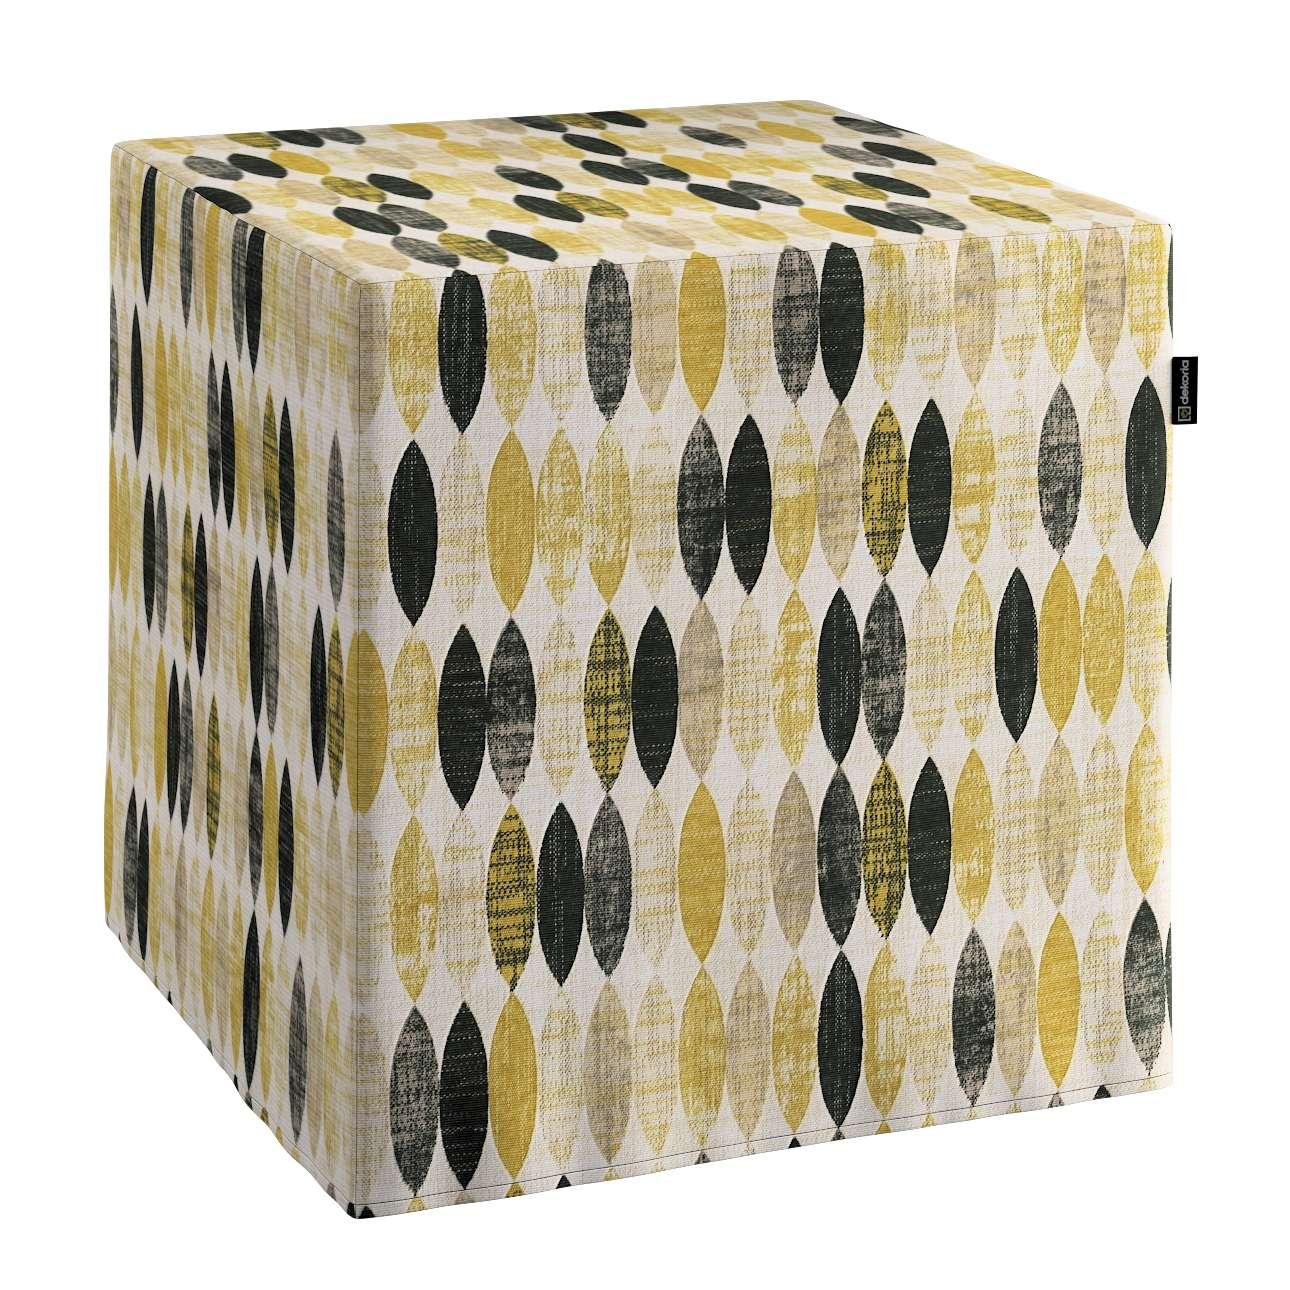 Bezug für Sitzwürfel, schwarz-beige-gelb, Bezug für Sitzwürfel 40 × 40 × 40 günstig online kaufen